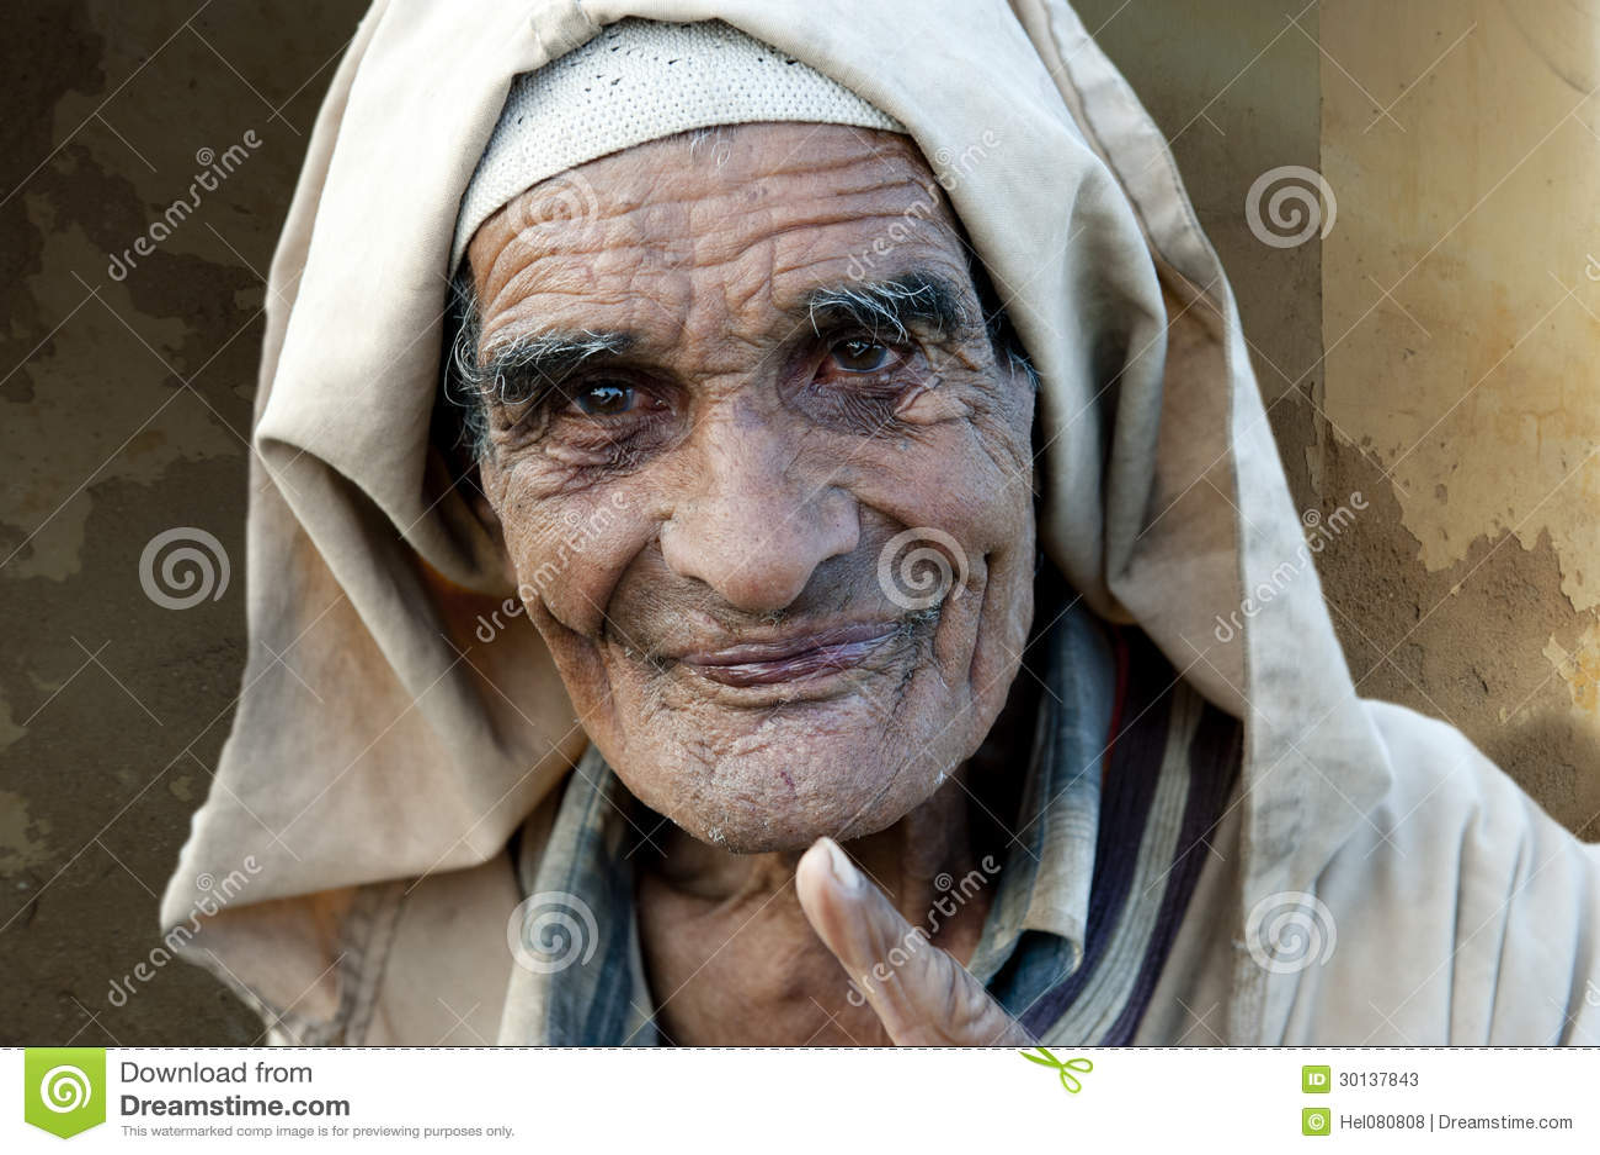 Rencontre amicale avec femme maroc